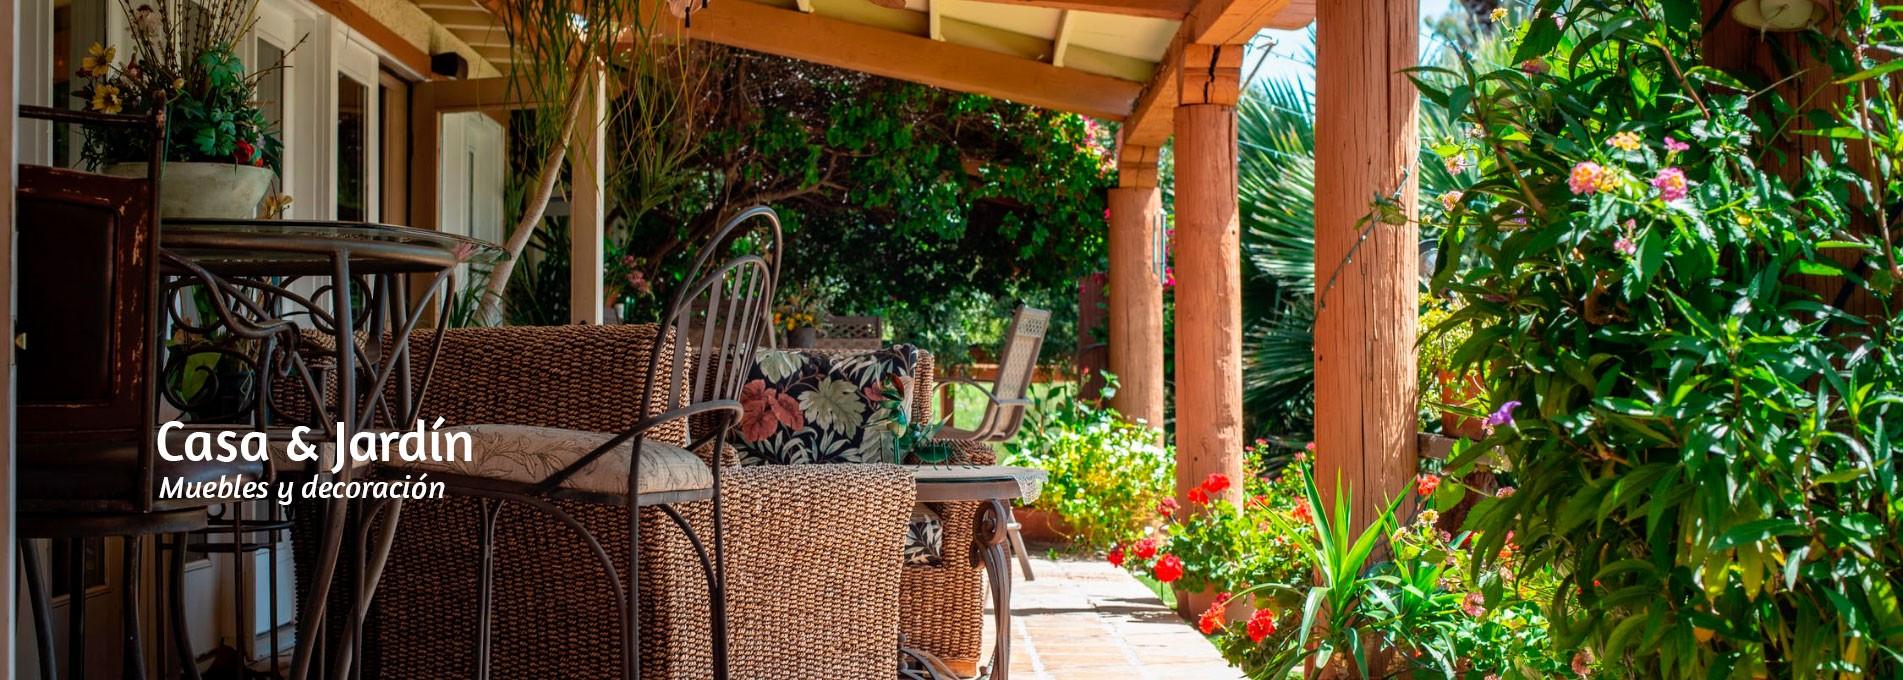 Fresanas®: Casa & Jardín - Muebles y Decoración